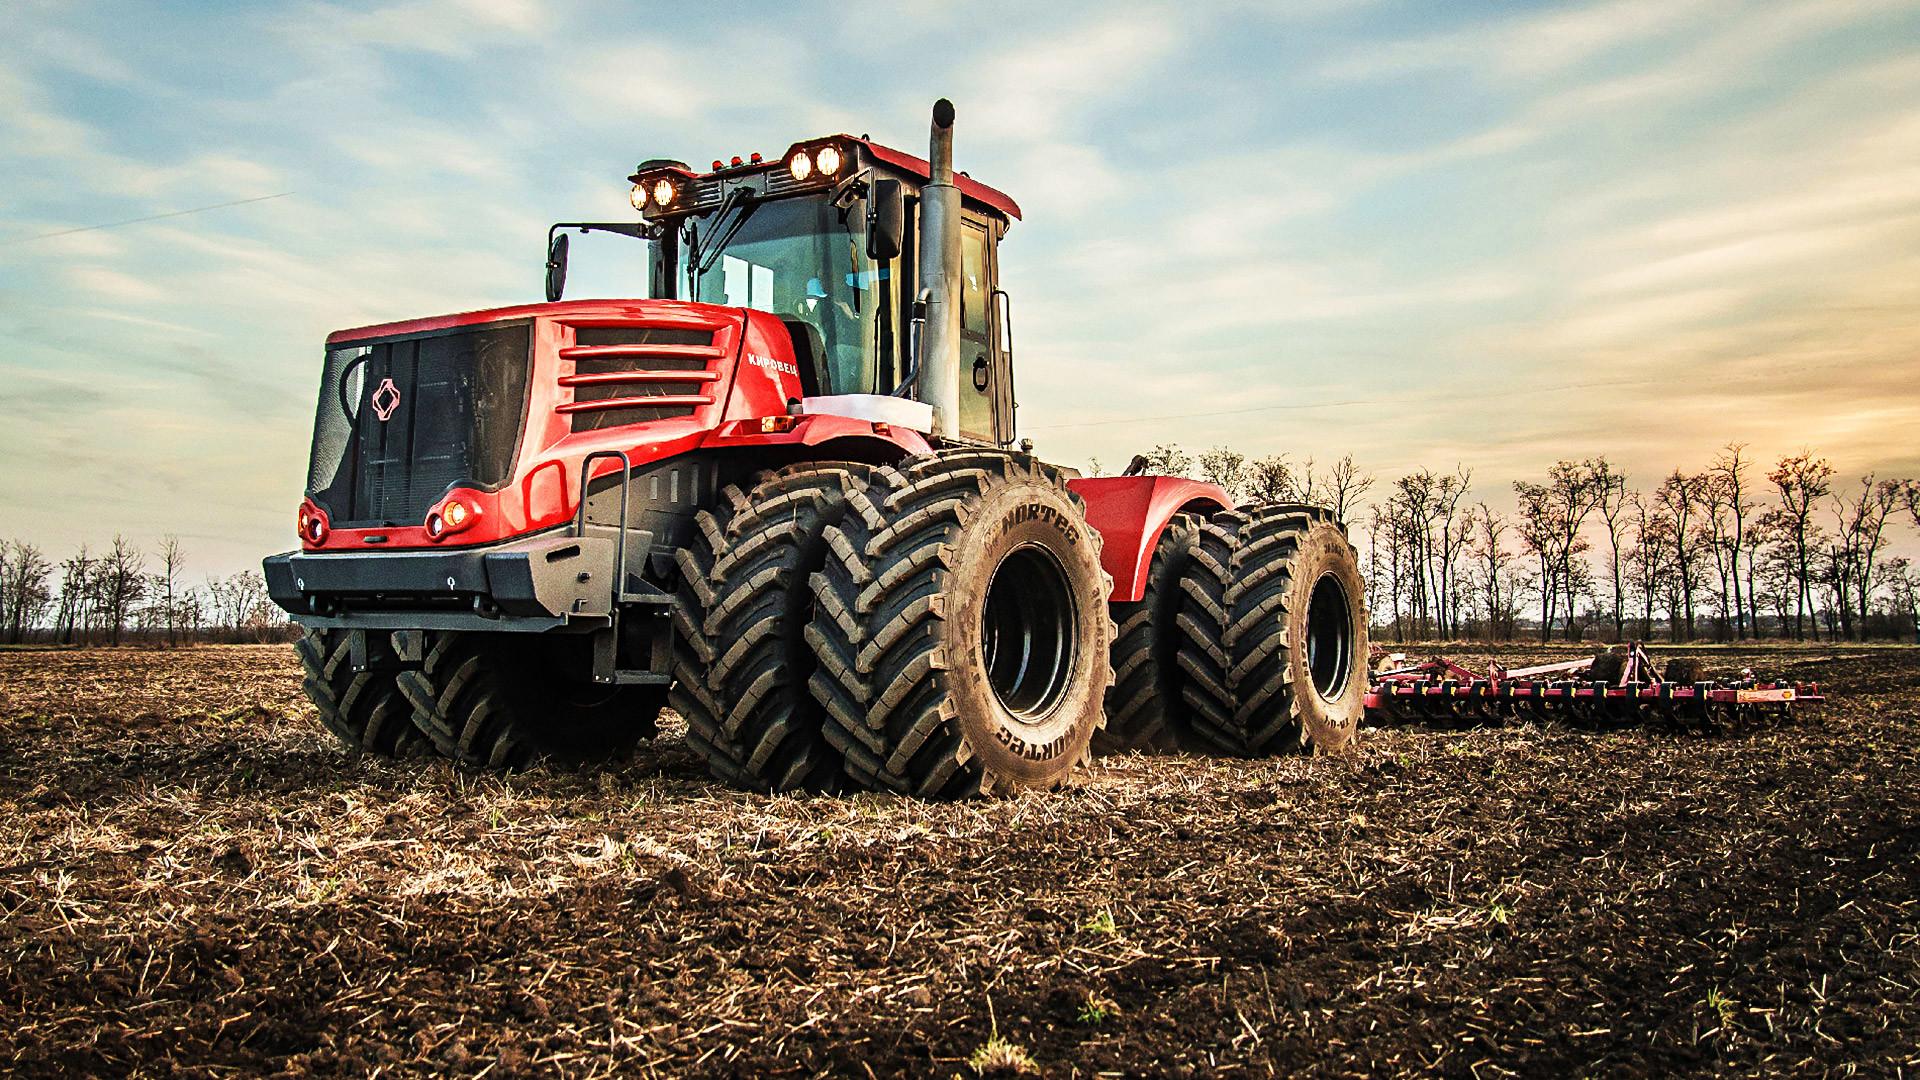 Увеличение длины карданного вала трактора Кировец изготовленного по спецзаказу